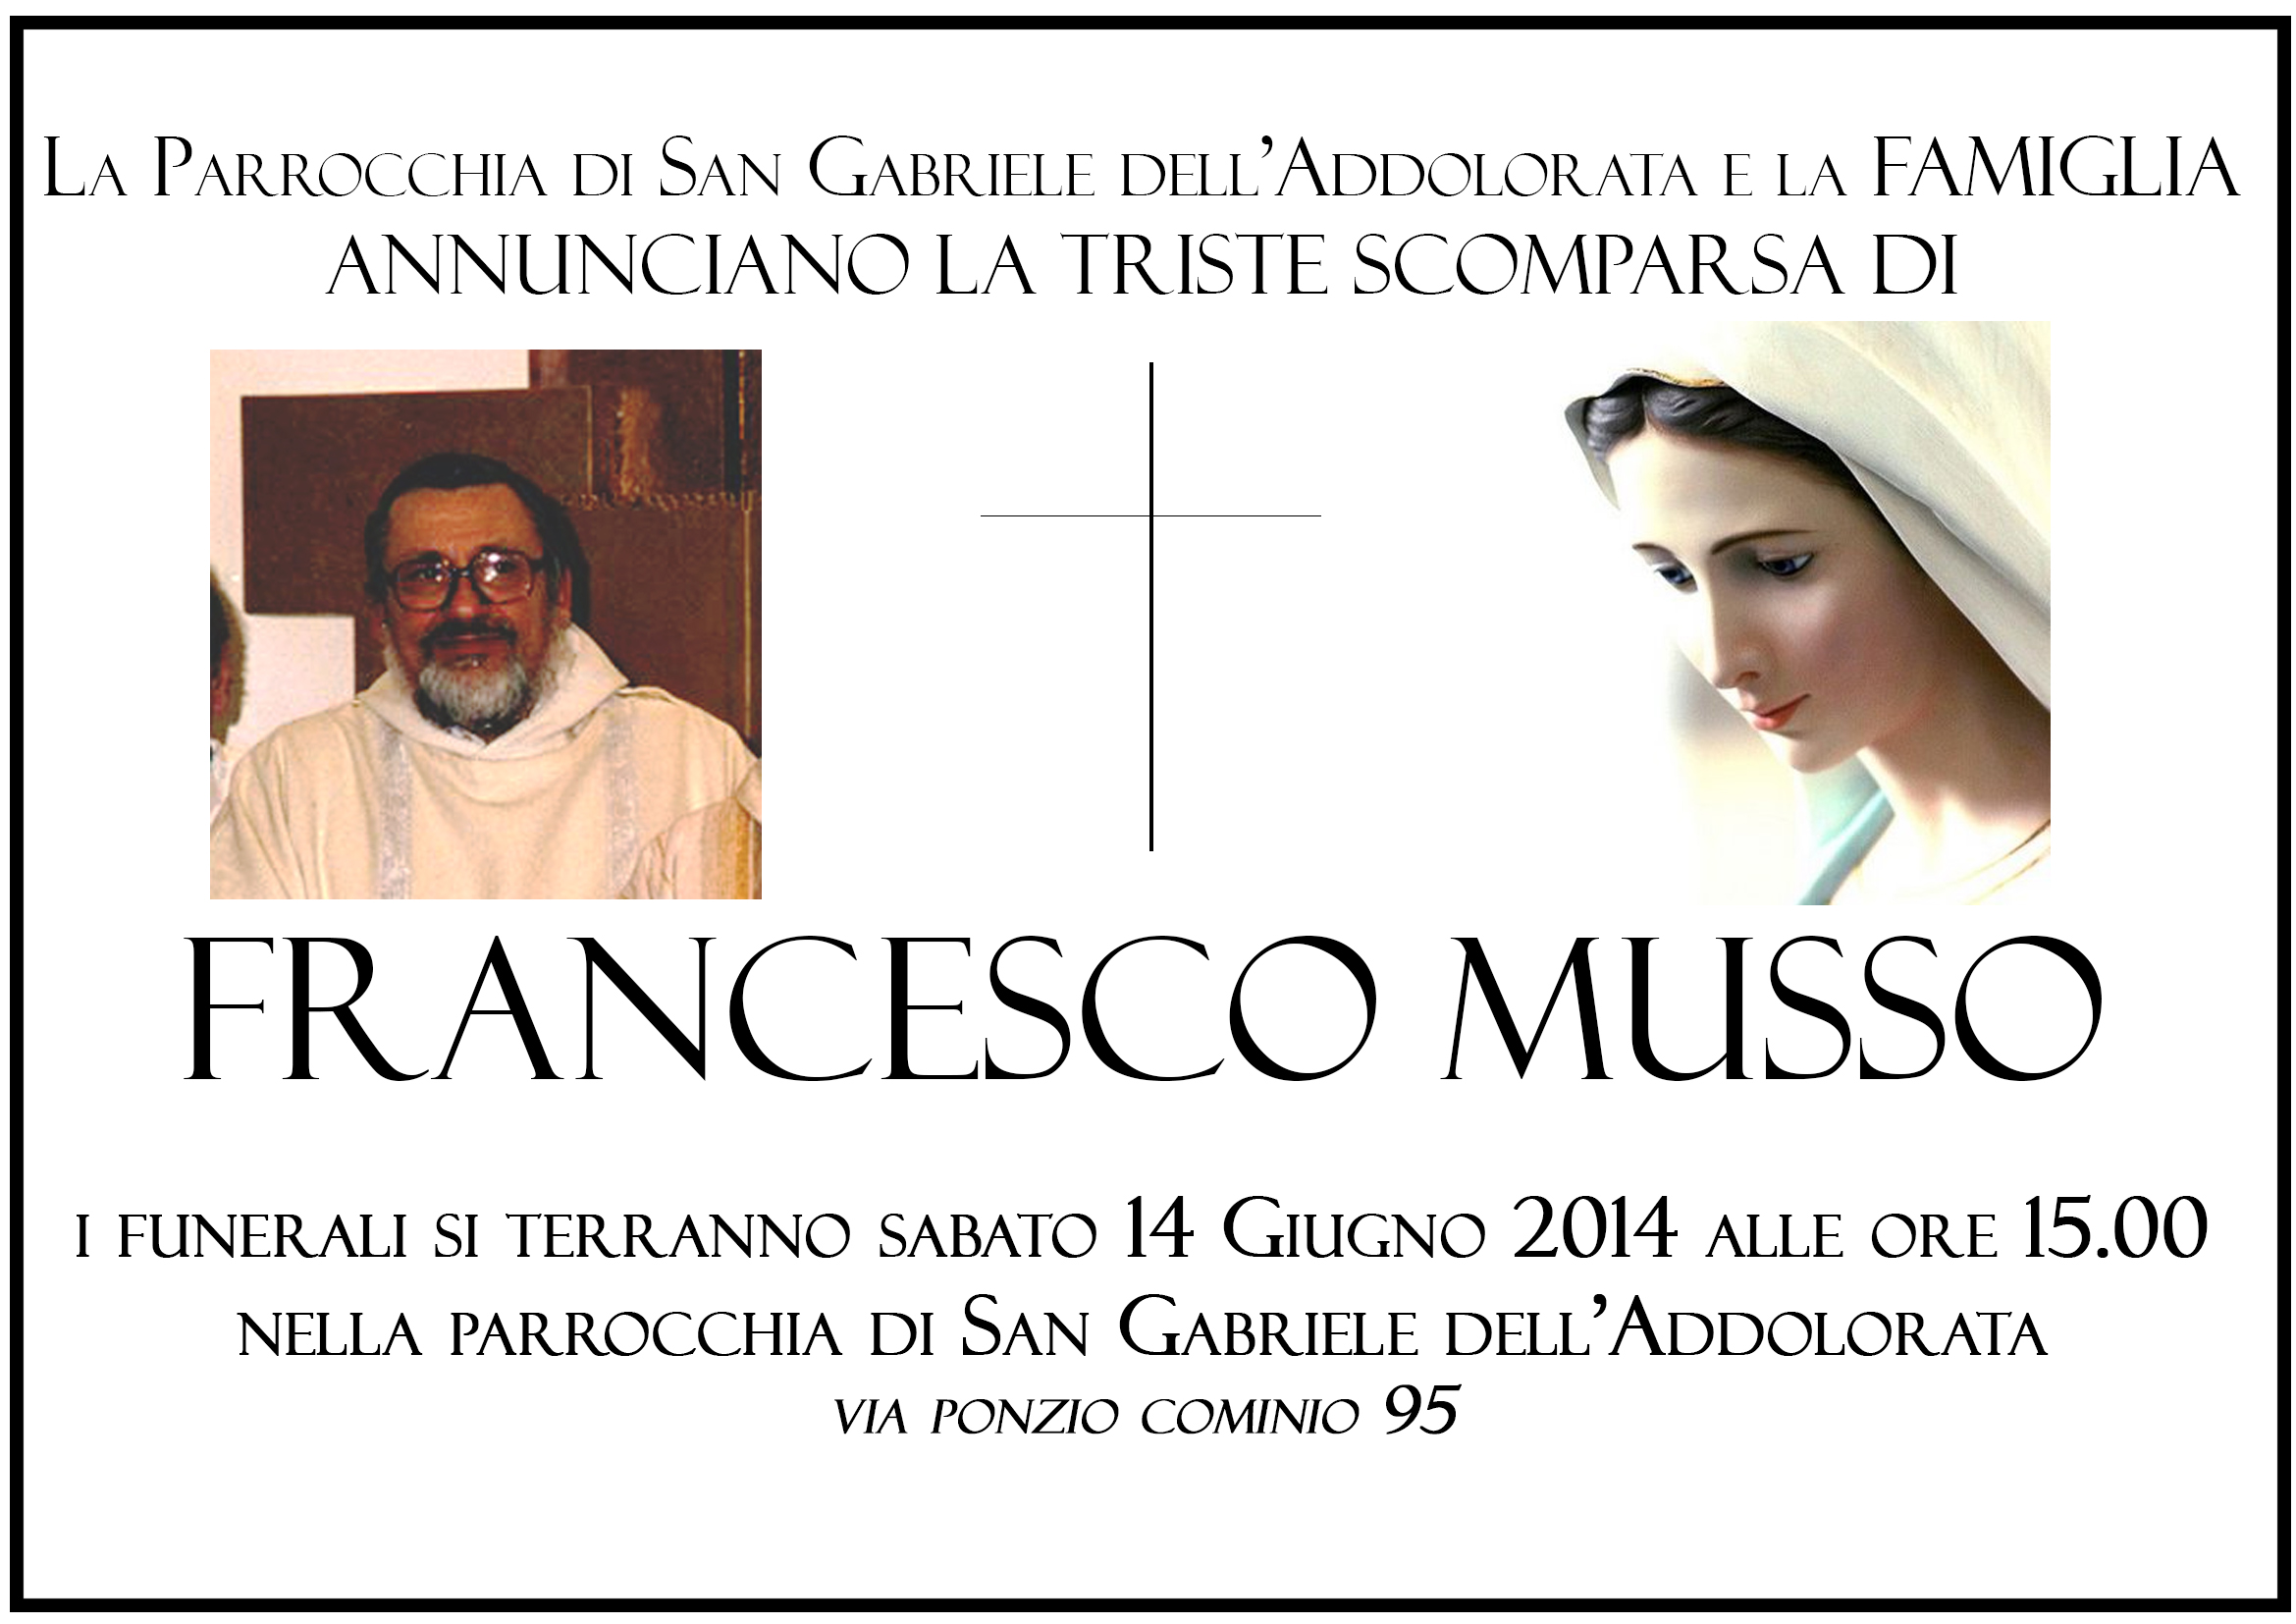 FrancescoMusso